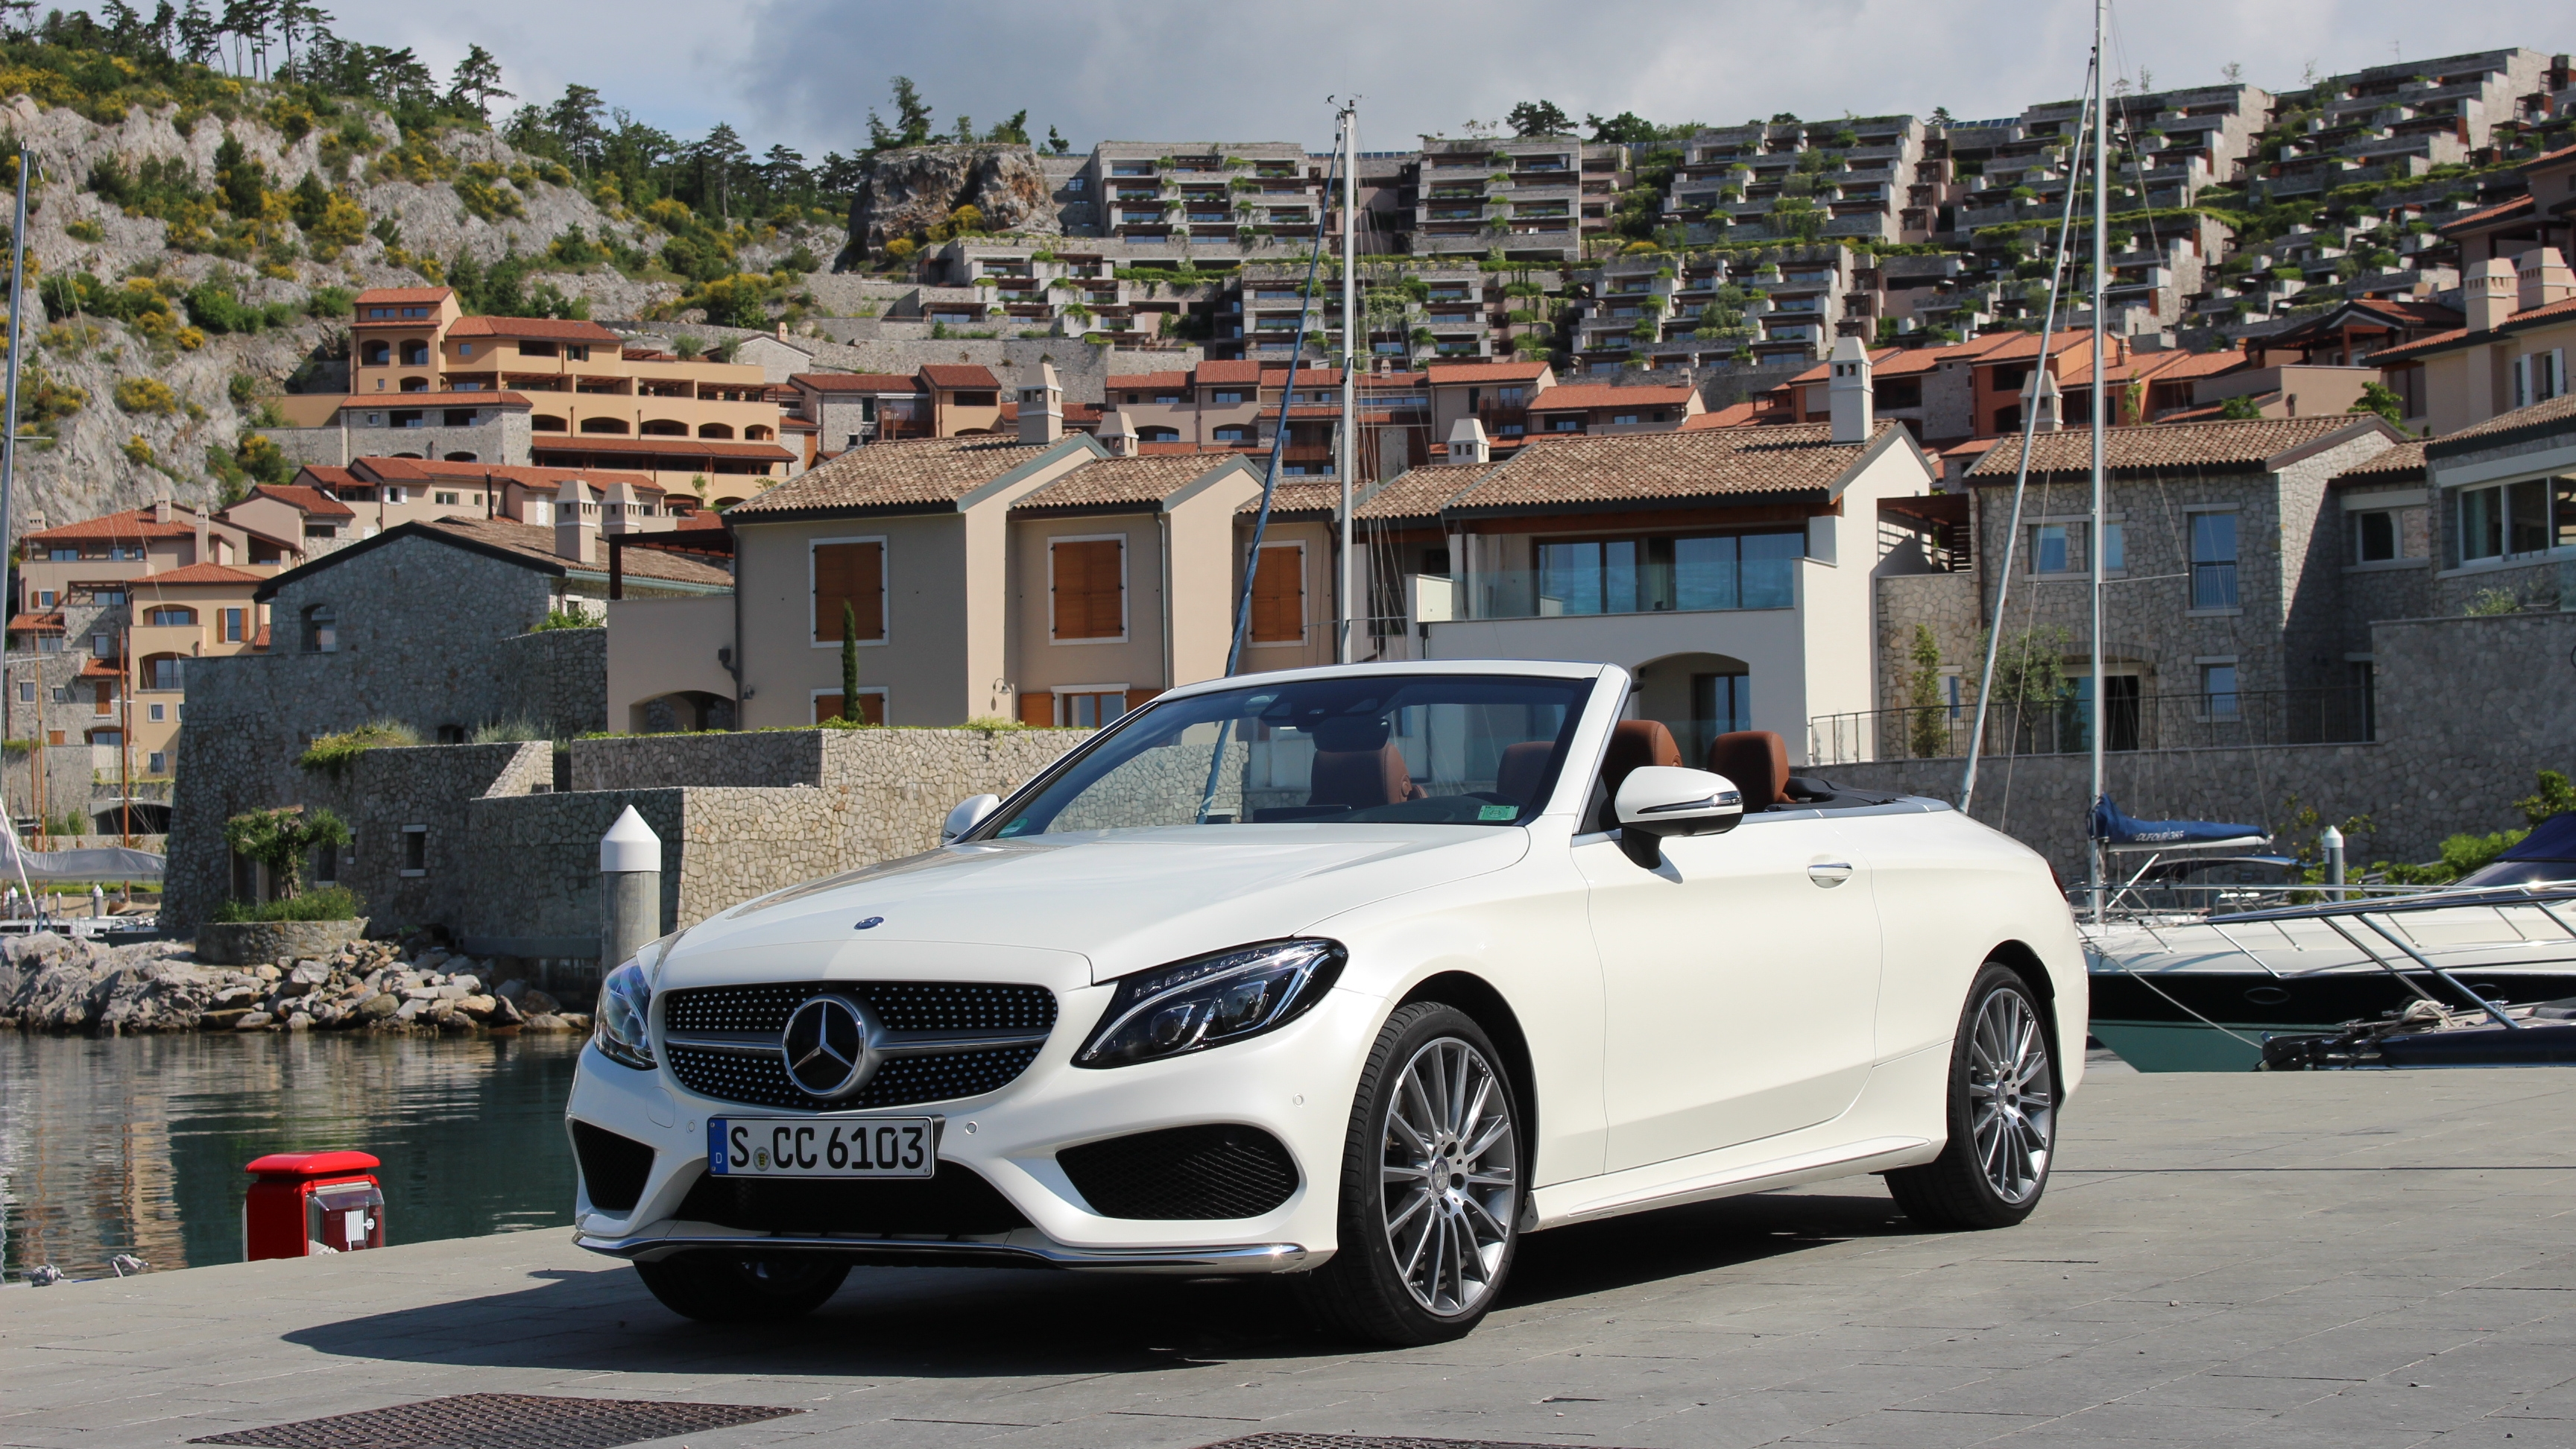 Essai vidéo - Mercedes Classe C Cabriolet : sortez découvert